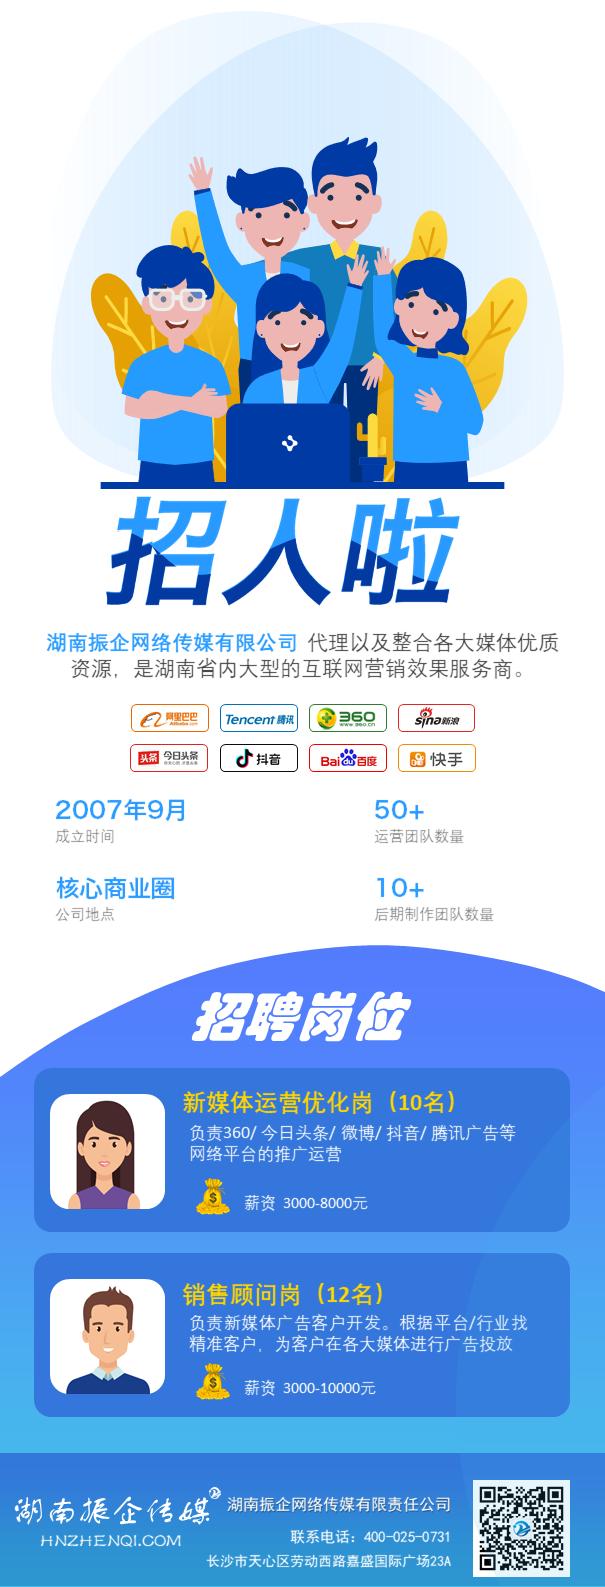 湖南振企传媒